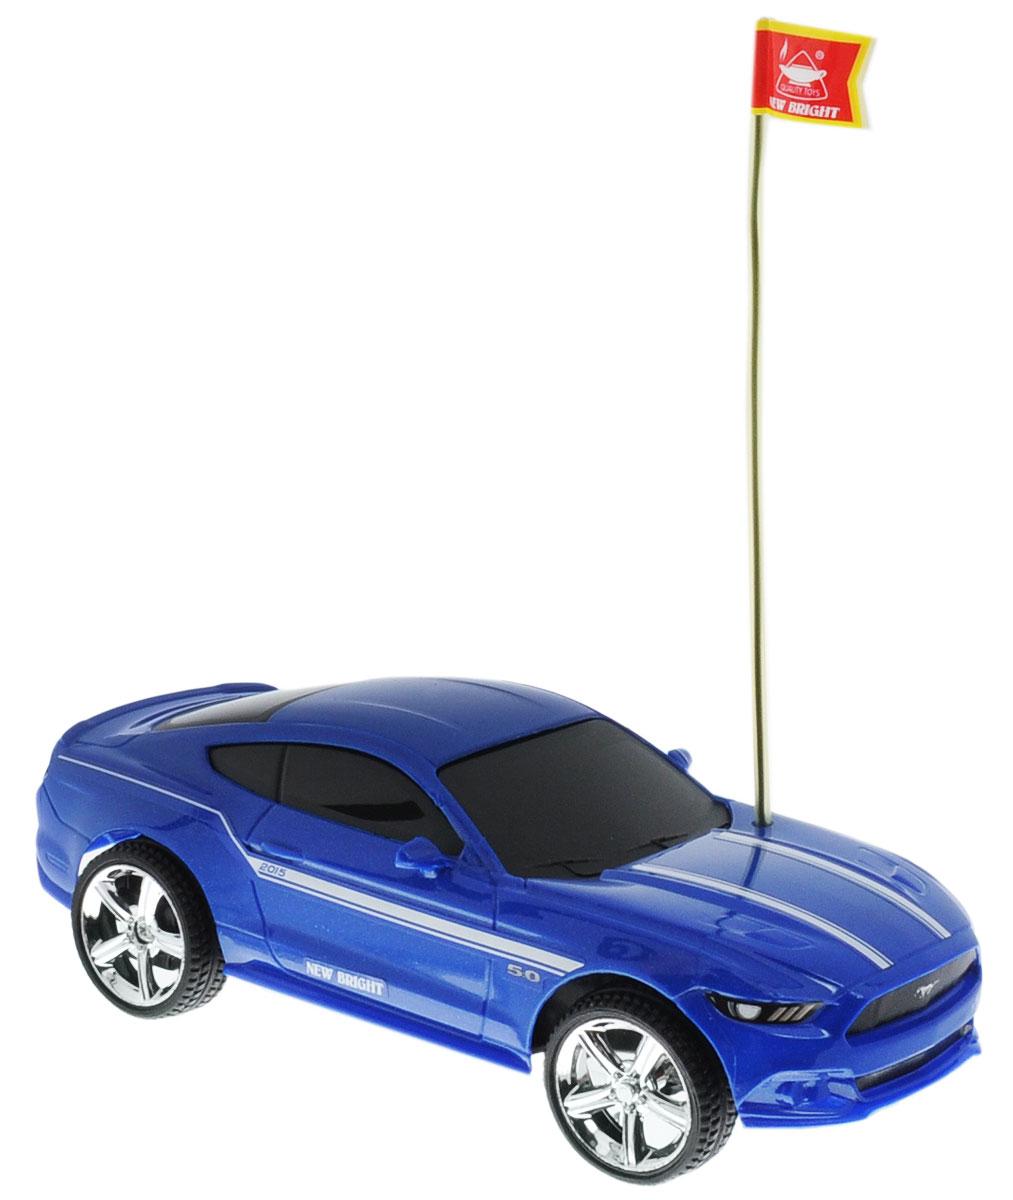 New Bright Радиоуправляемая модель Ford Mustang GT 2015 радиоуправляемые игрушки